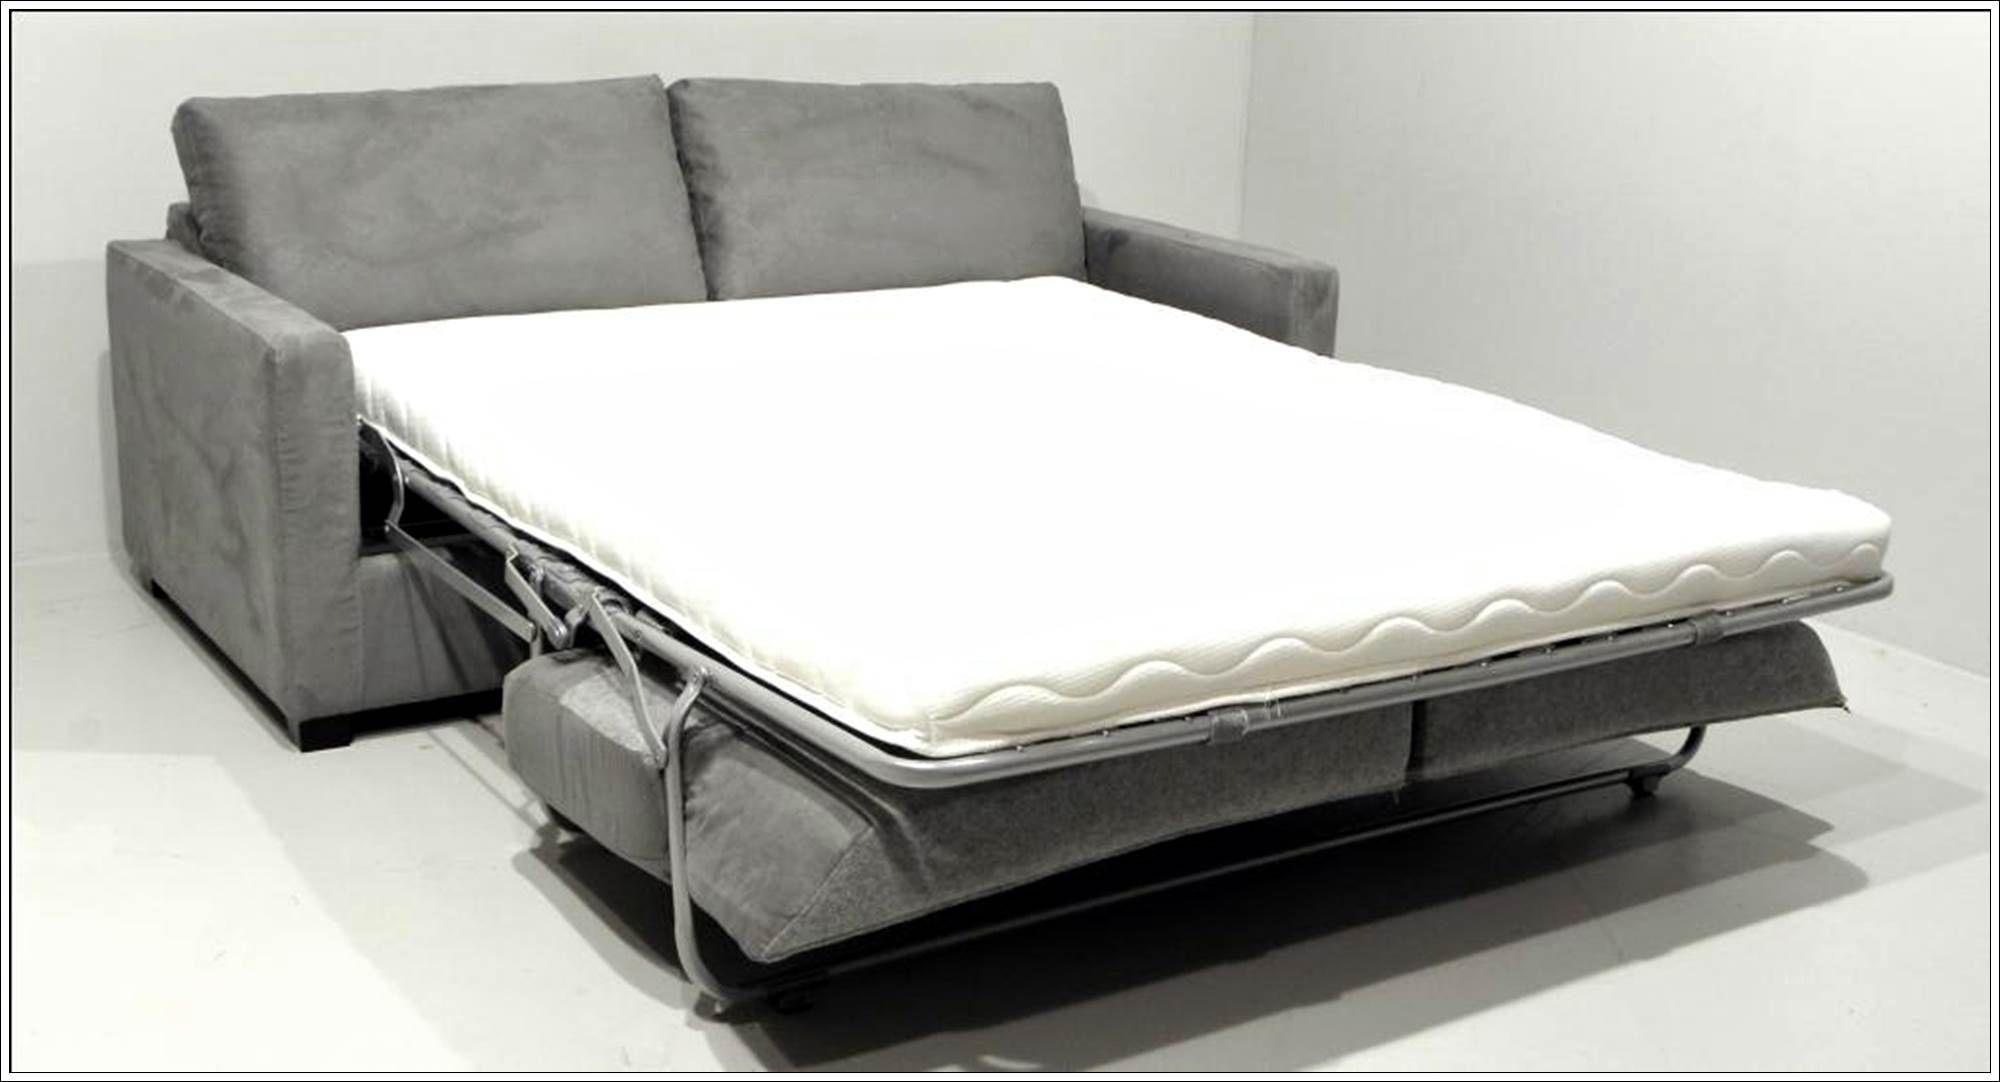 Lit Escamotable Superposé Bel Entra Nant Lit Superposé Avec Canapé Sur Lit Biné Armoire Fresh Lit